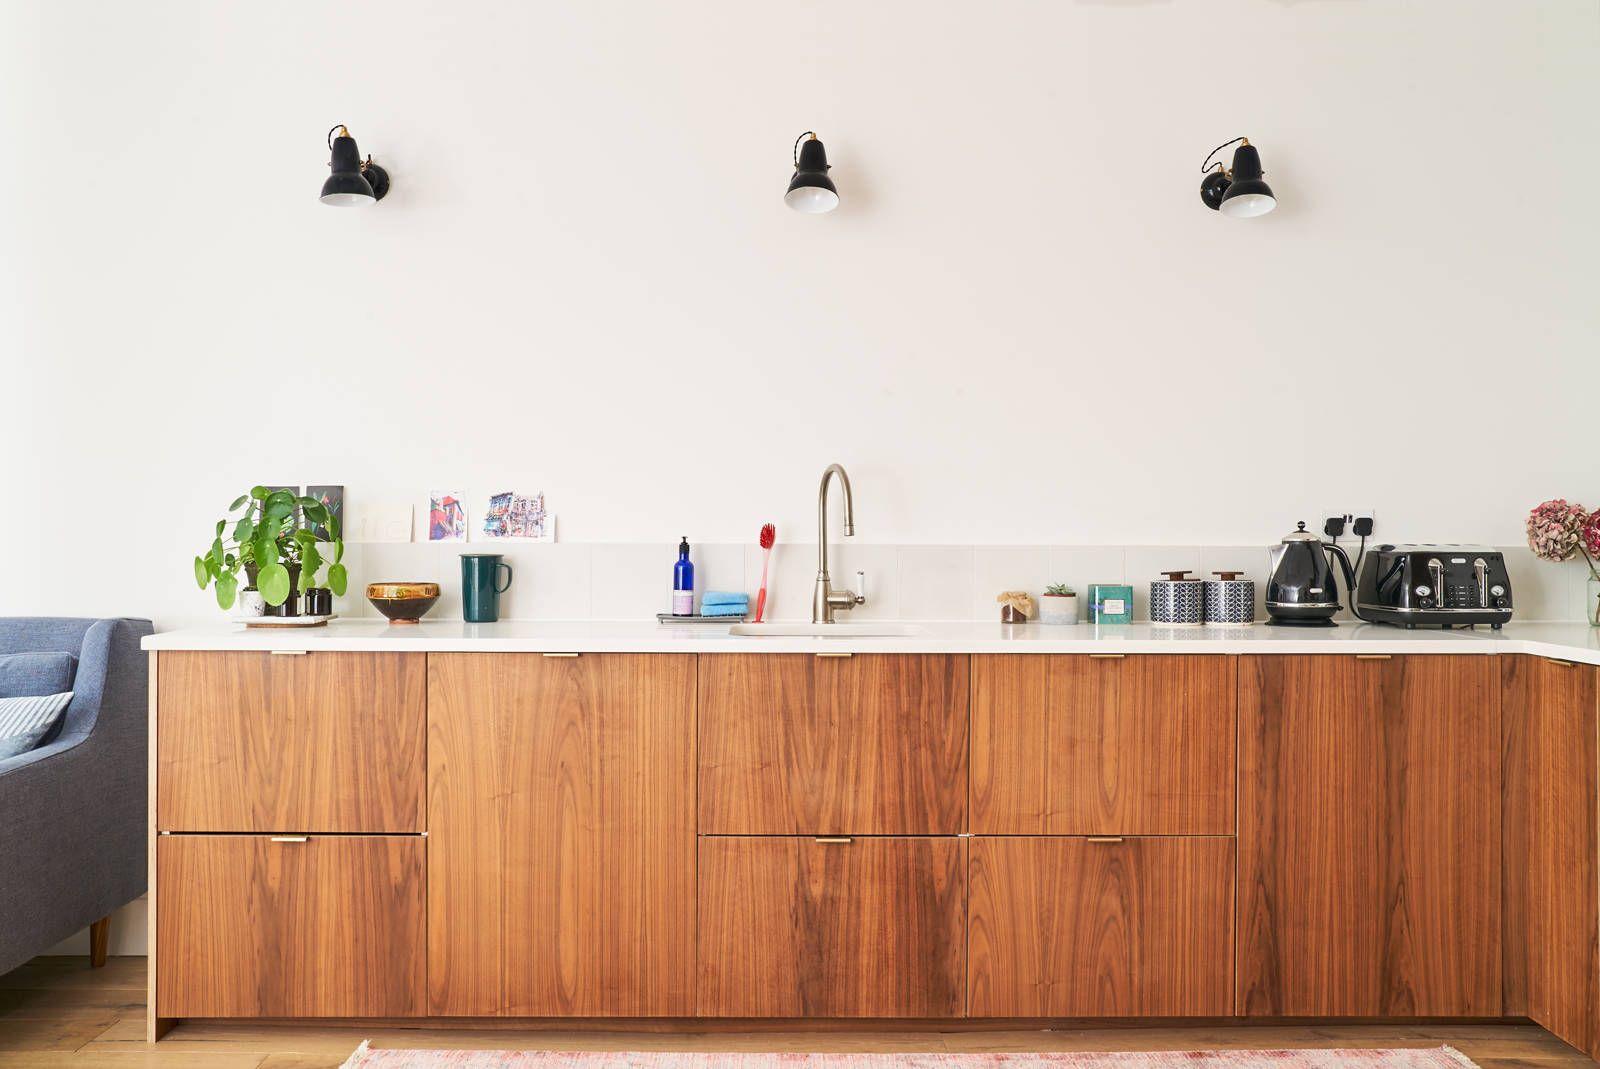 Walnut Faced Birch Ply Kitchen With Brass Edge Pull Handles By Plykea Plywood Kitchen Diy Kitchen Renovation Walnut Kitchen